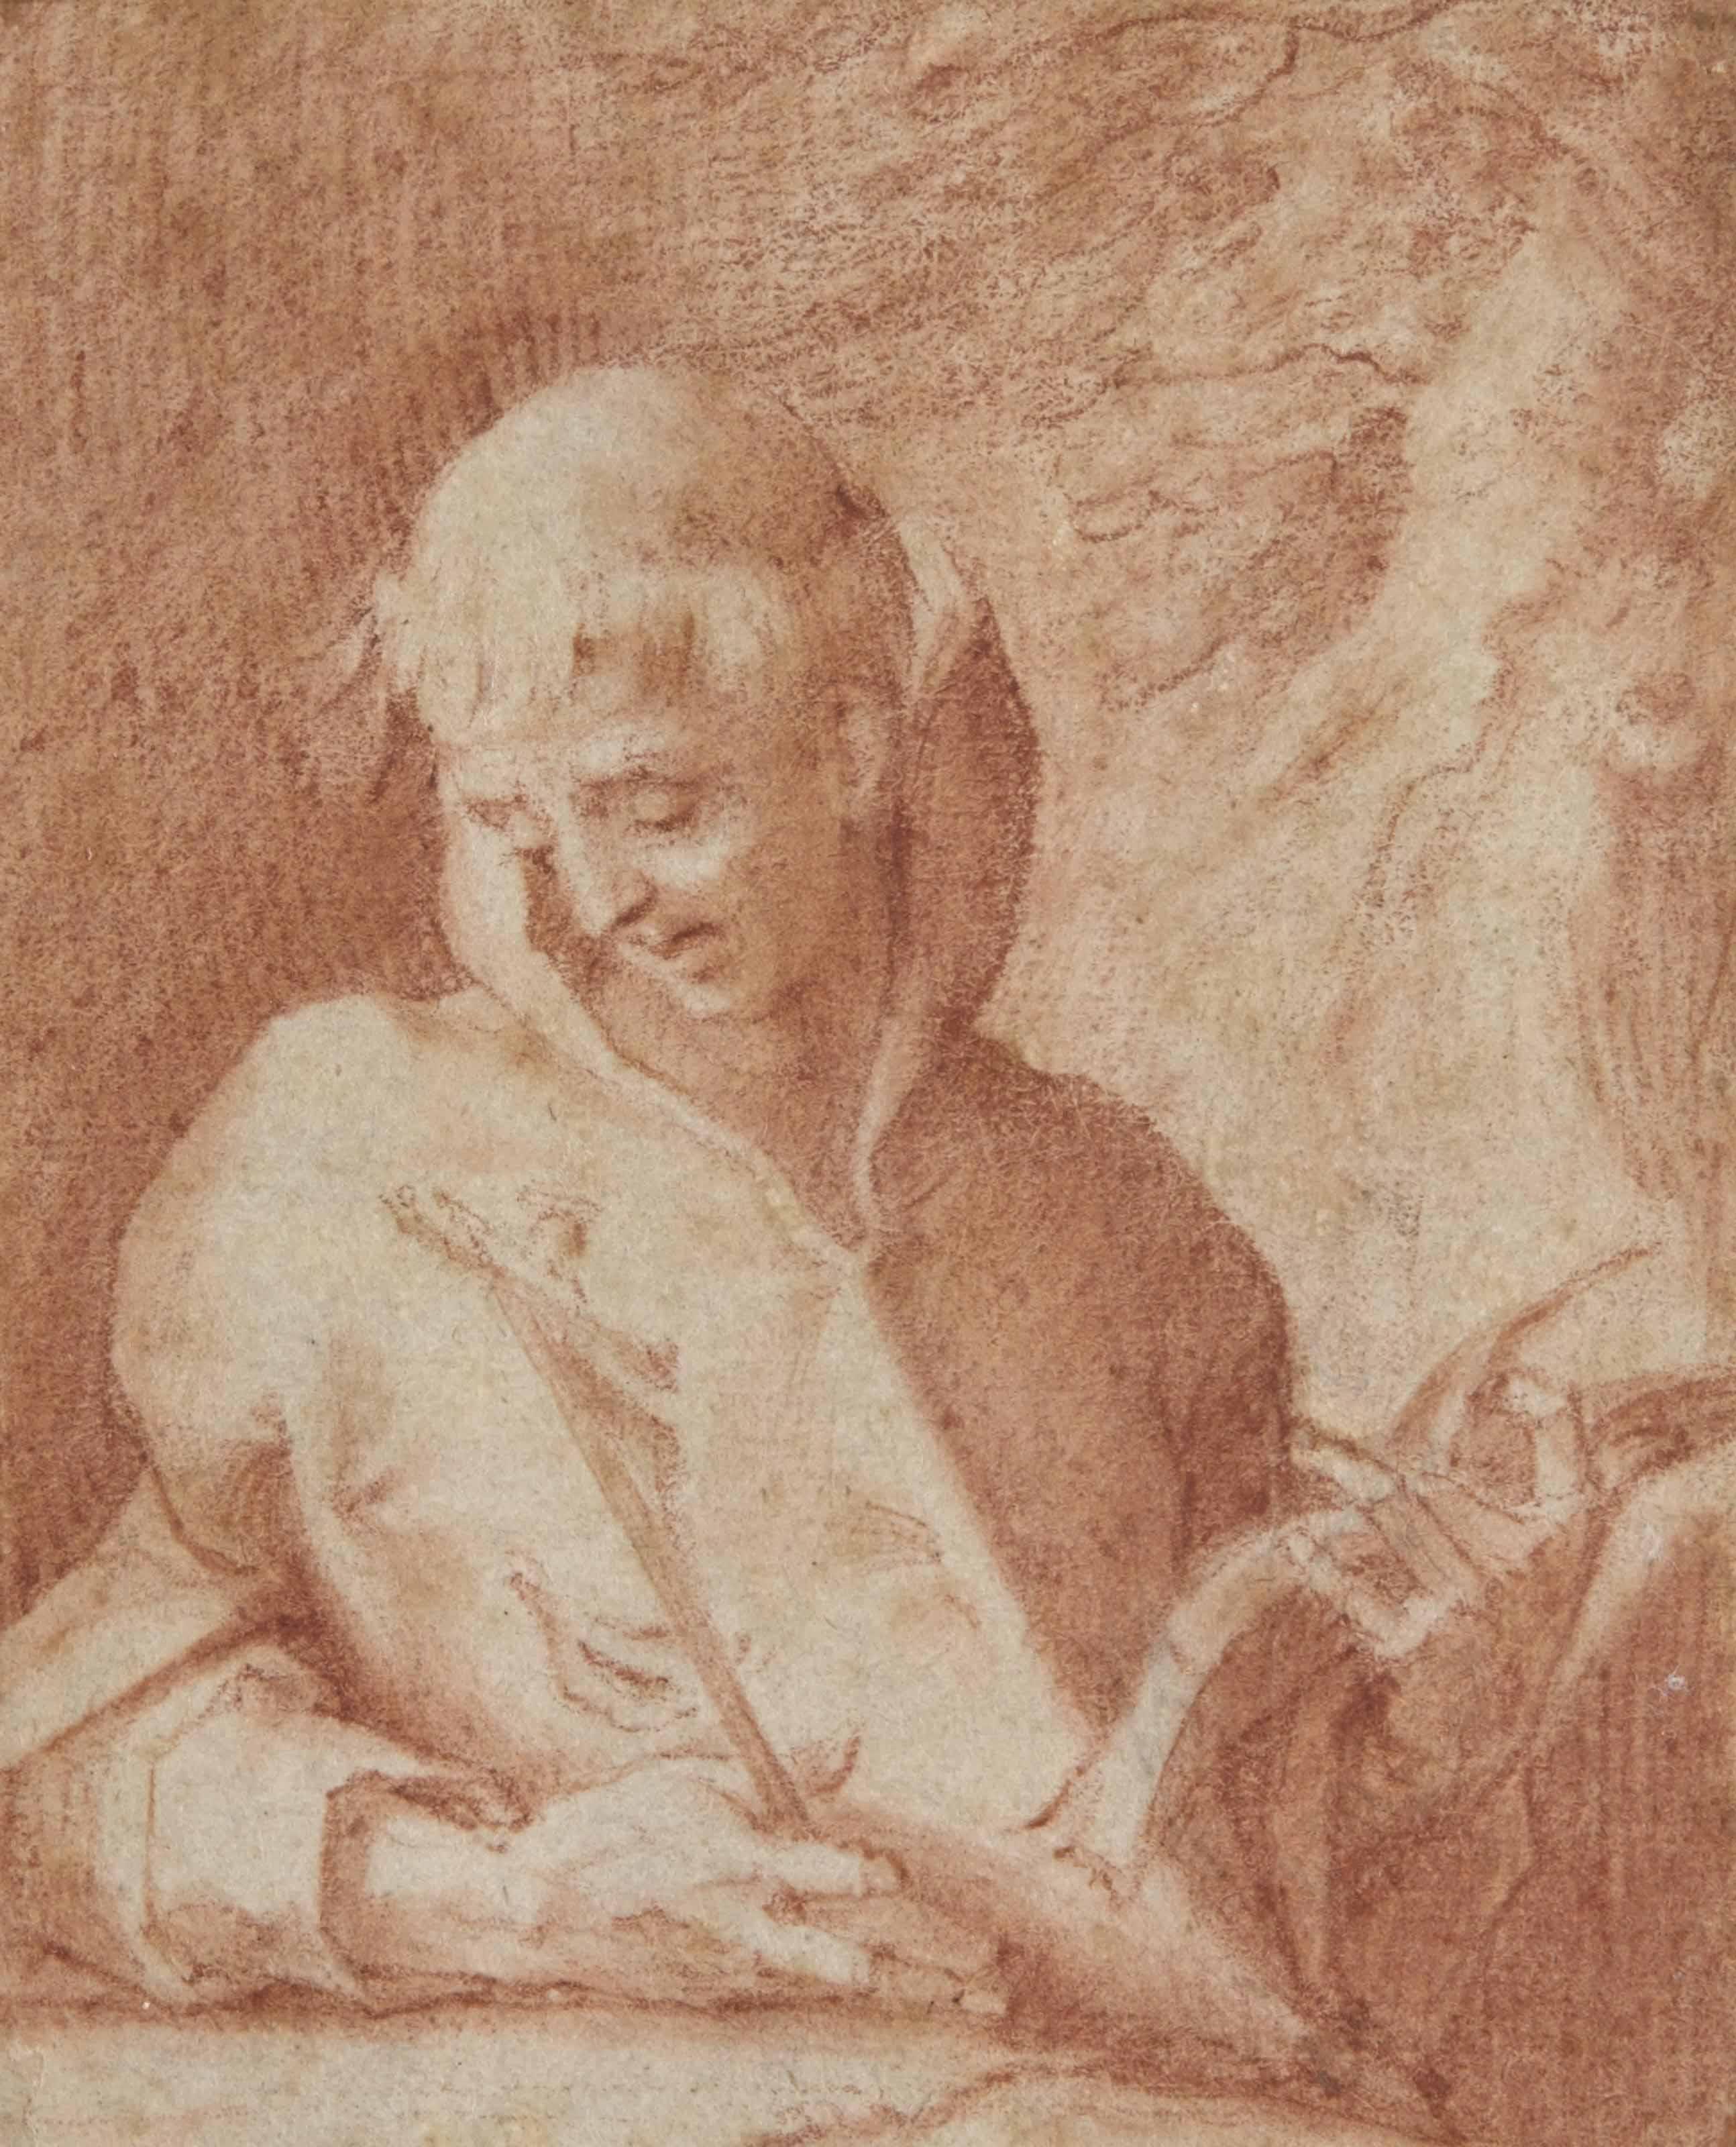 ENTOURAGE DE BARTHOLOMEUS SPRANGER (1546-1611)